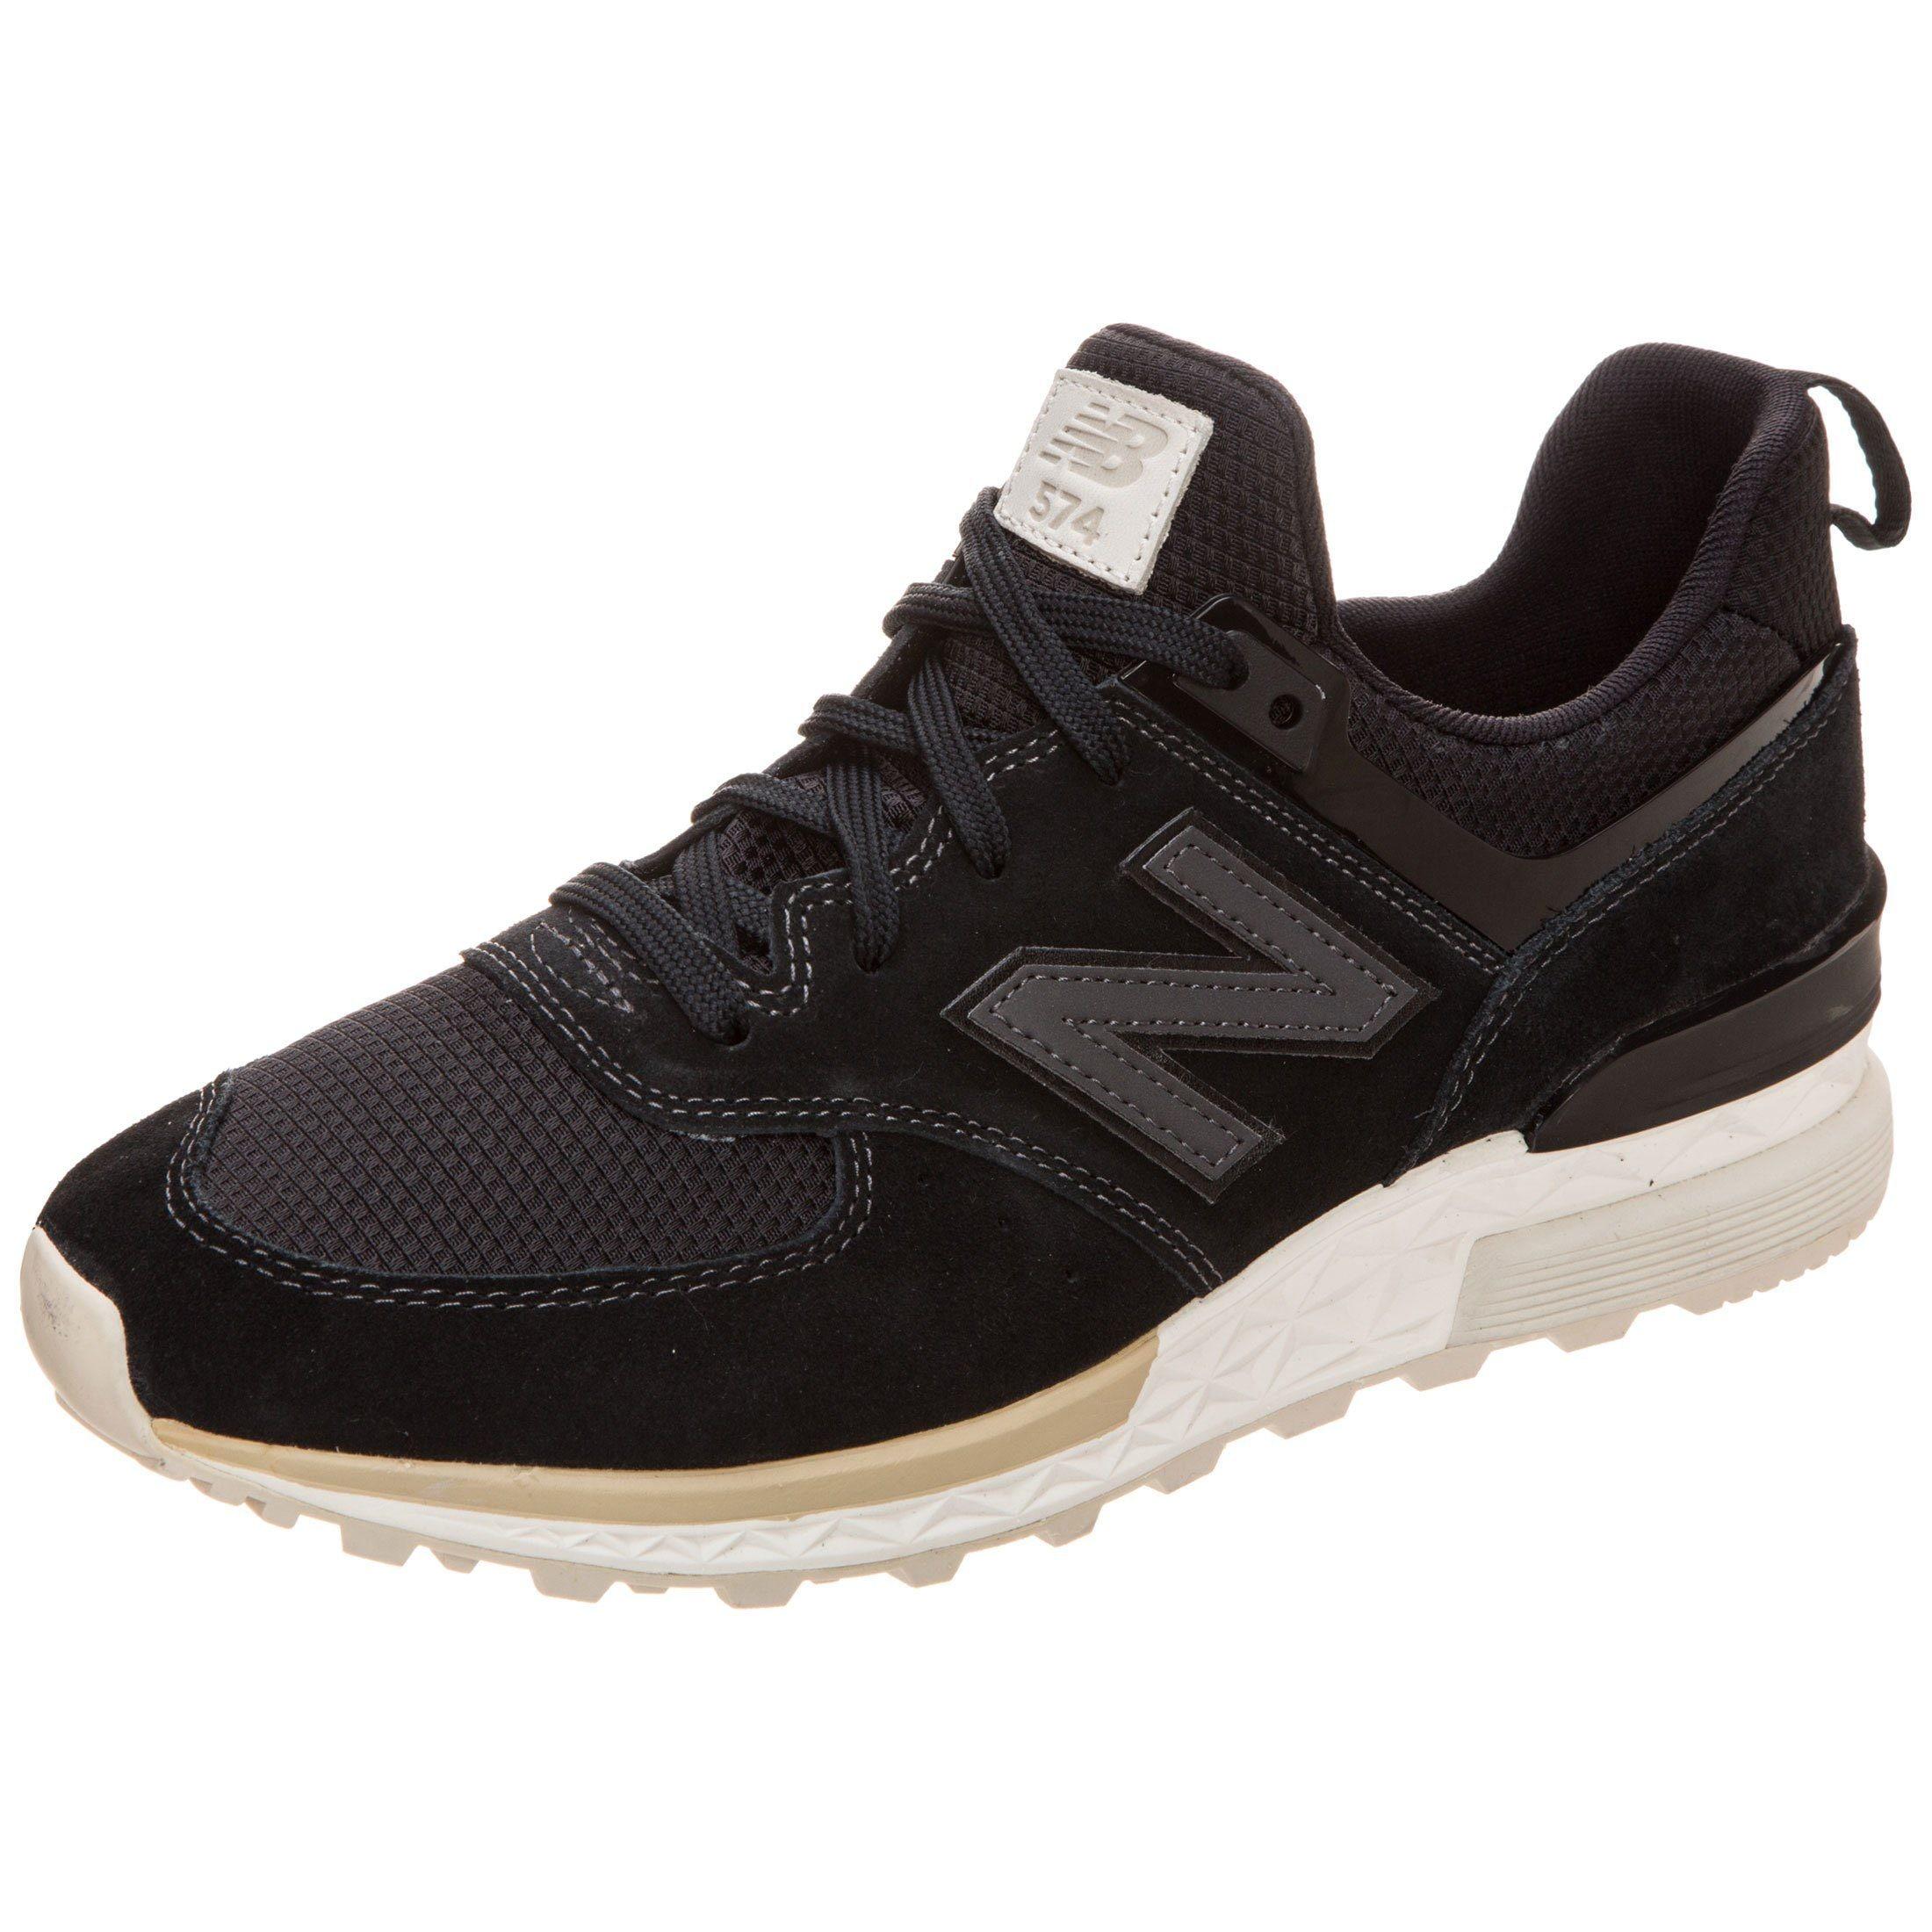 New Balance Sneaker Ms574-fsl-d bestellen   Gutes Preis-Leistungs-Verhältnis, es lohnt sich